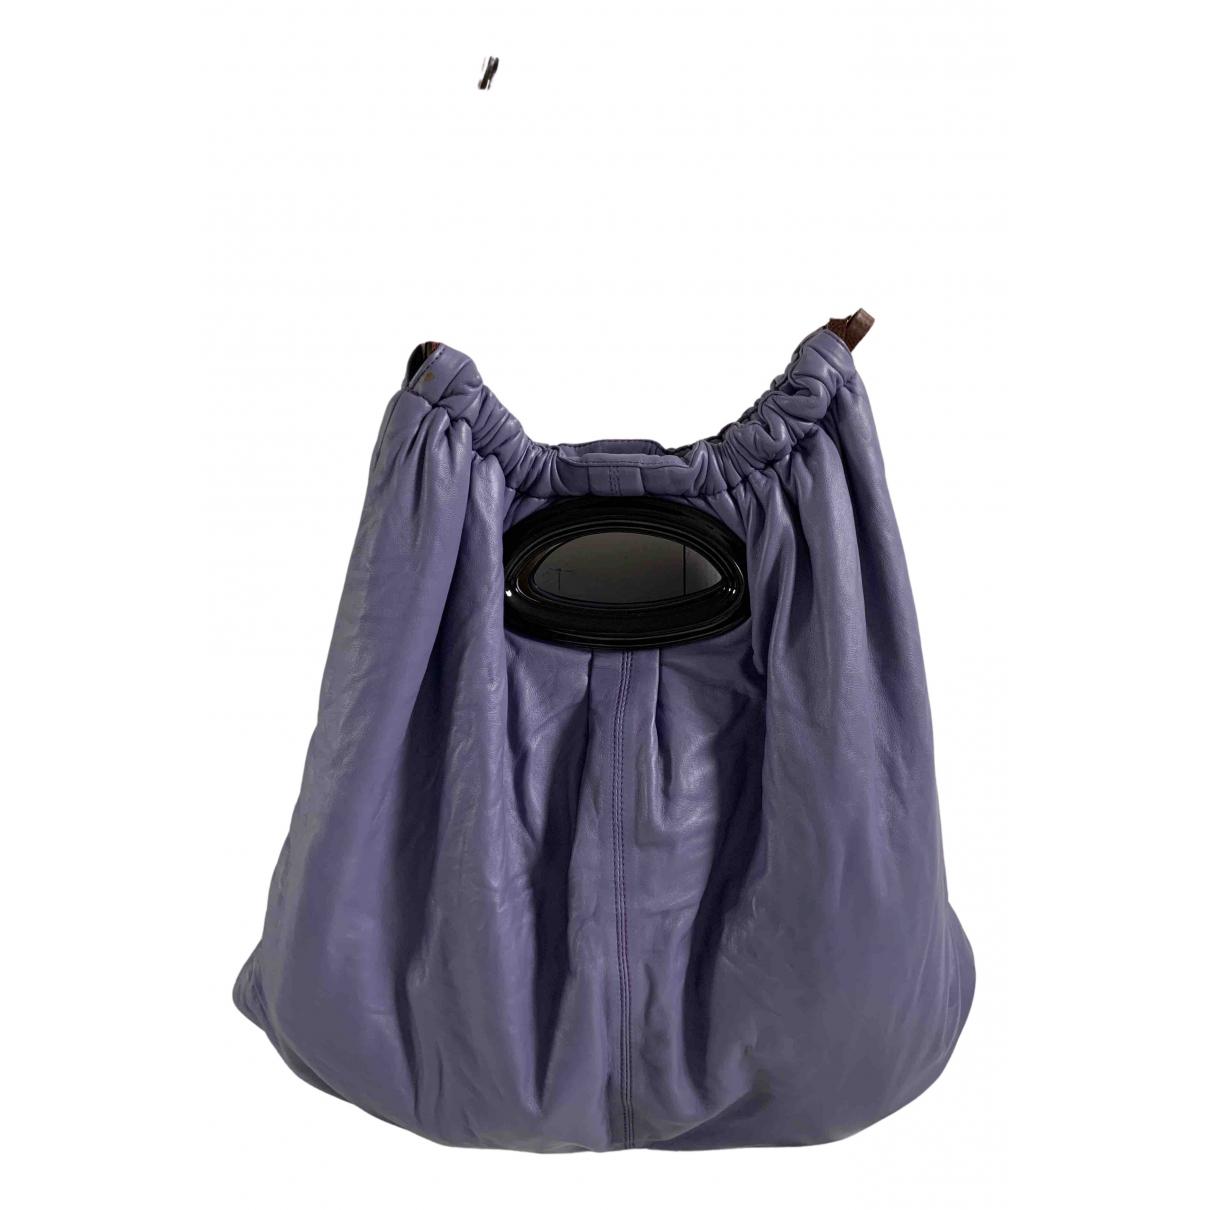 Marni - Sac a main   pour femme en cuir - violet